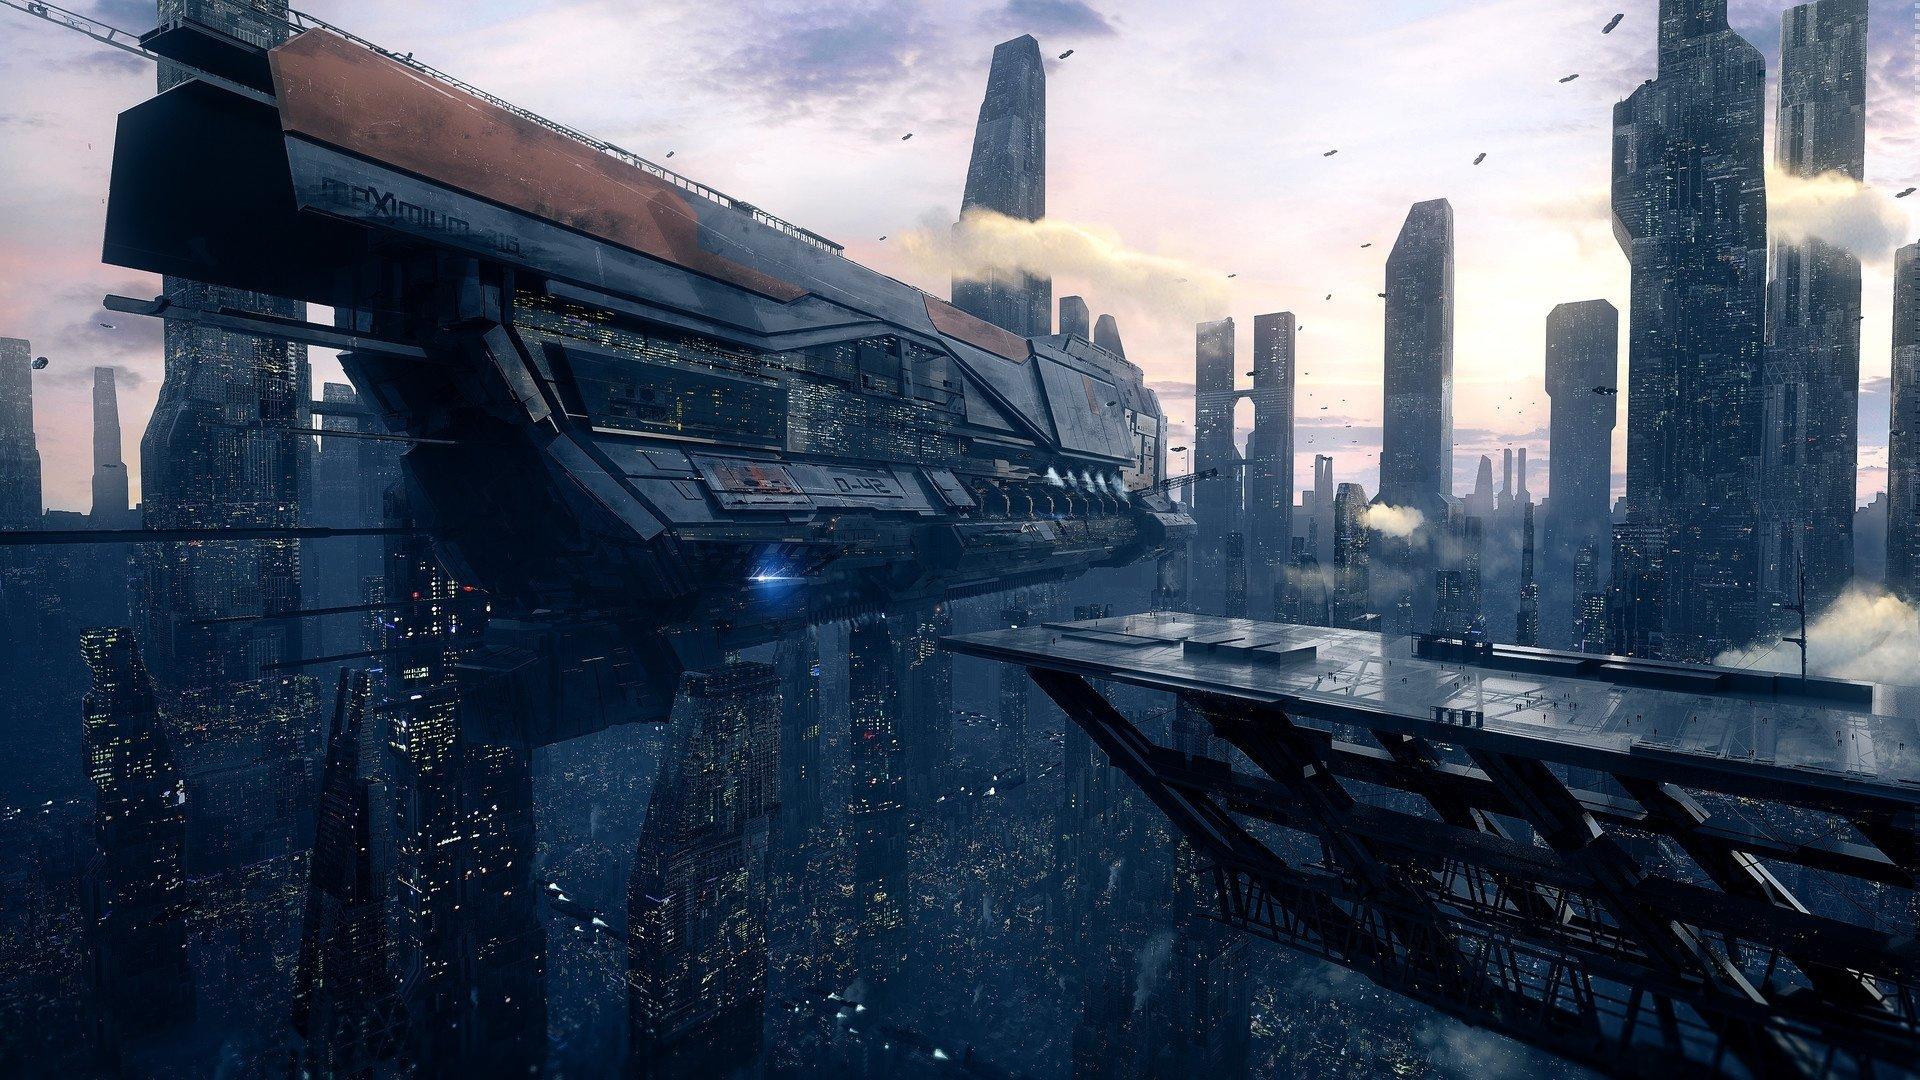 Sci Fi - Spaceship  City Futuristic Skyscraper Wallpaper